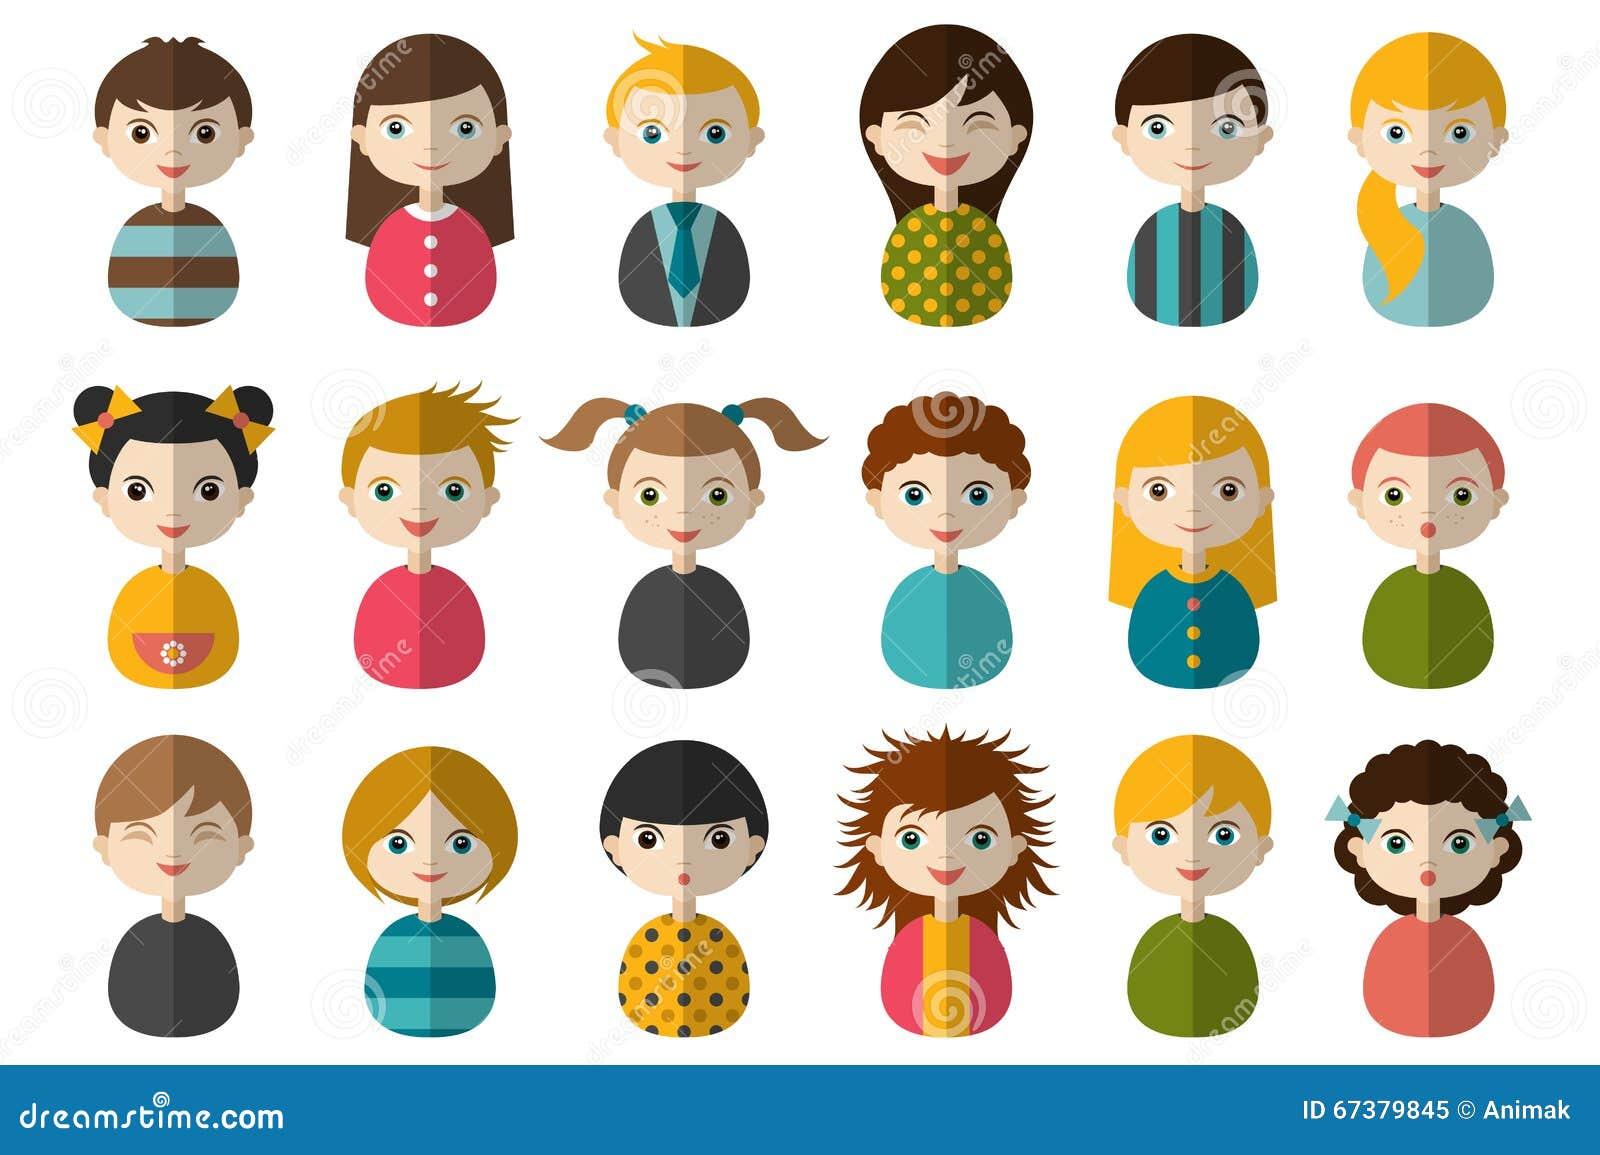 Meninos E Meninas De Nacionalidades Diferentes Childre: Big Set Of Different Avatars Of Children. Boys And Girls